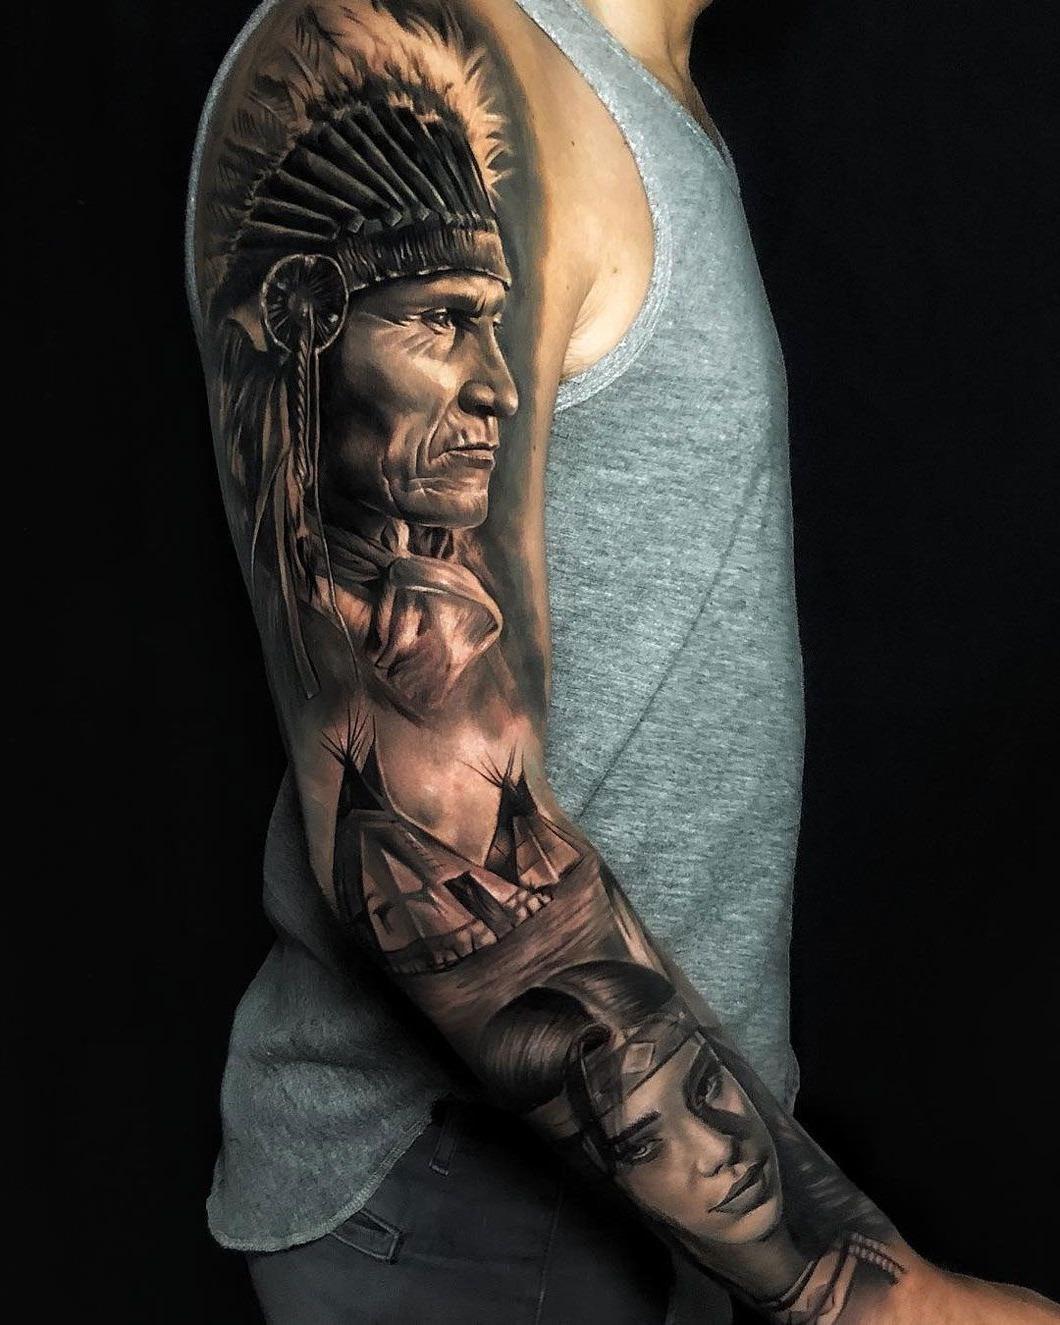 Tatuagem de um índio ancião feita no braço